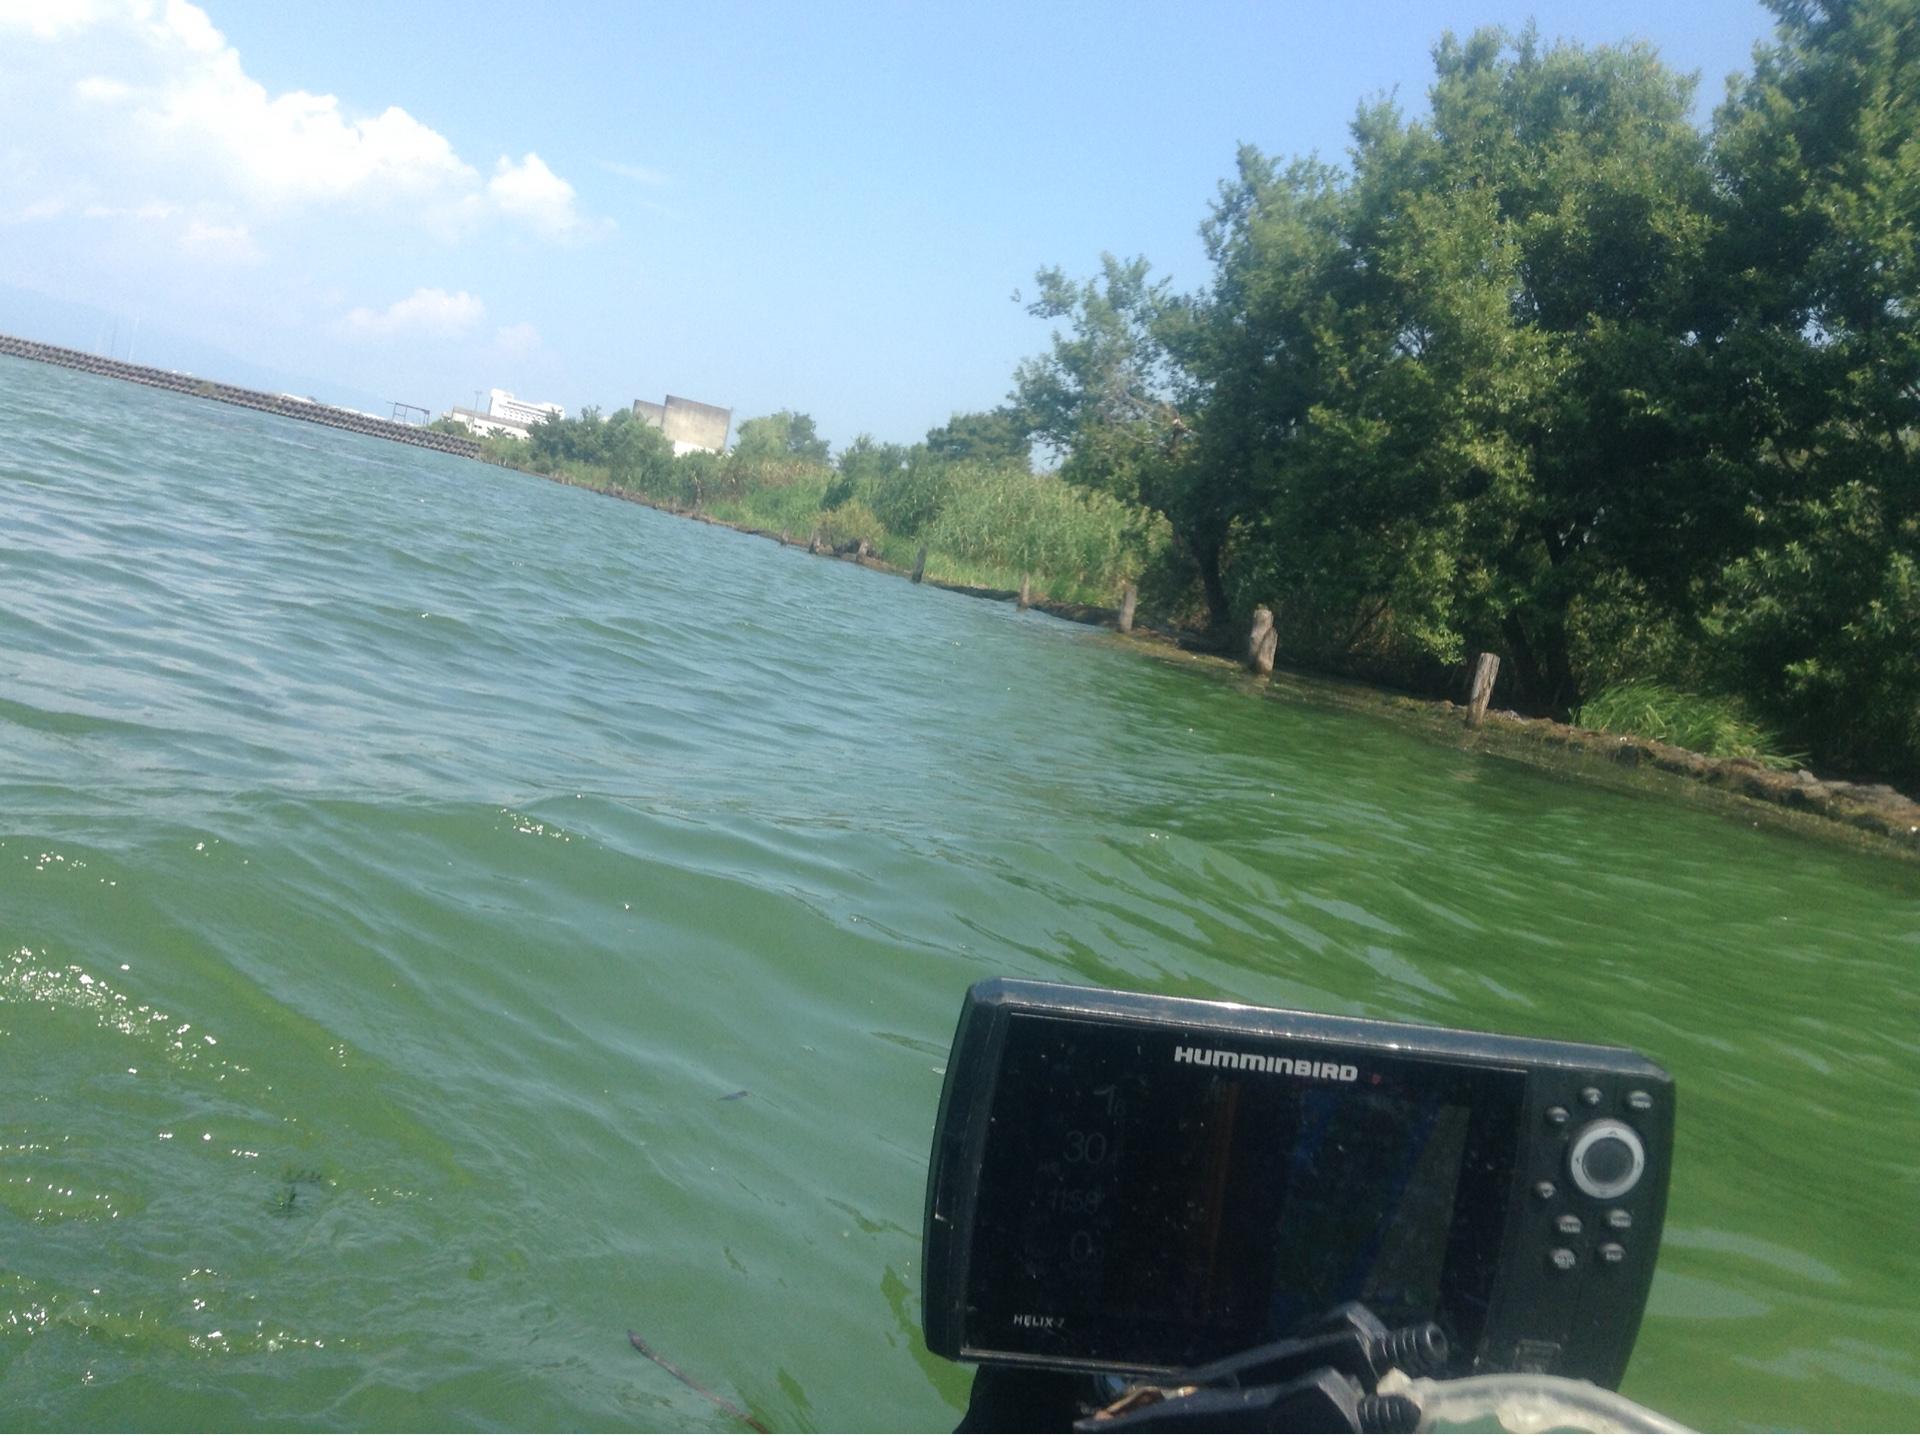 琵琶湖木の浜3号水路南のブレイクラインが狙える場所の画像